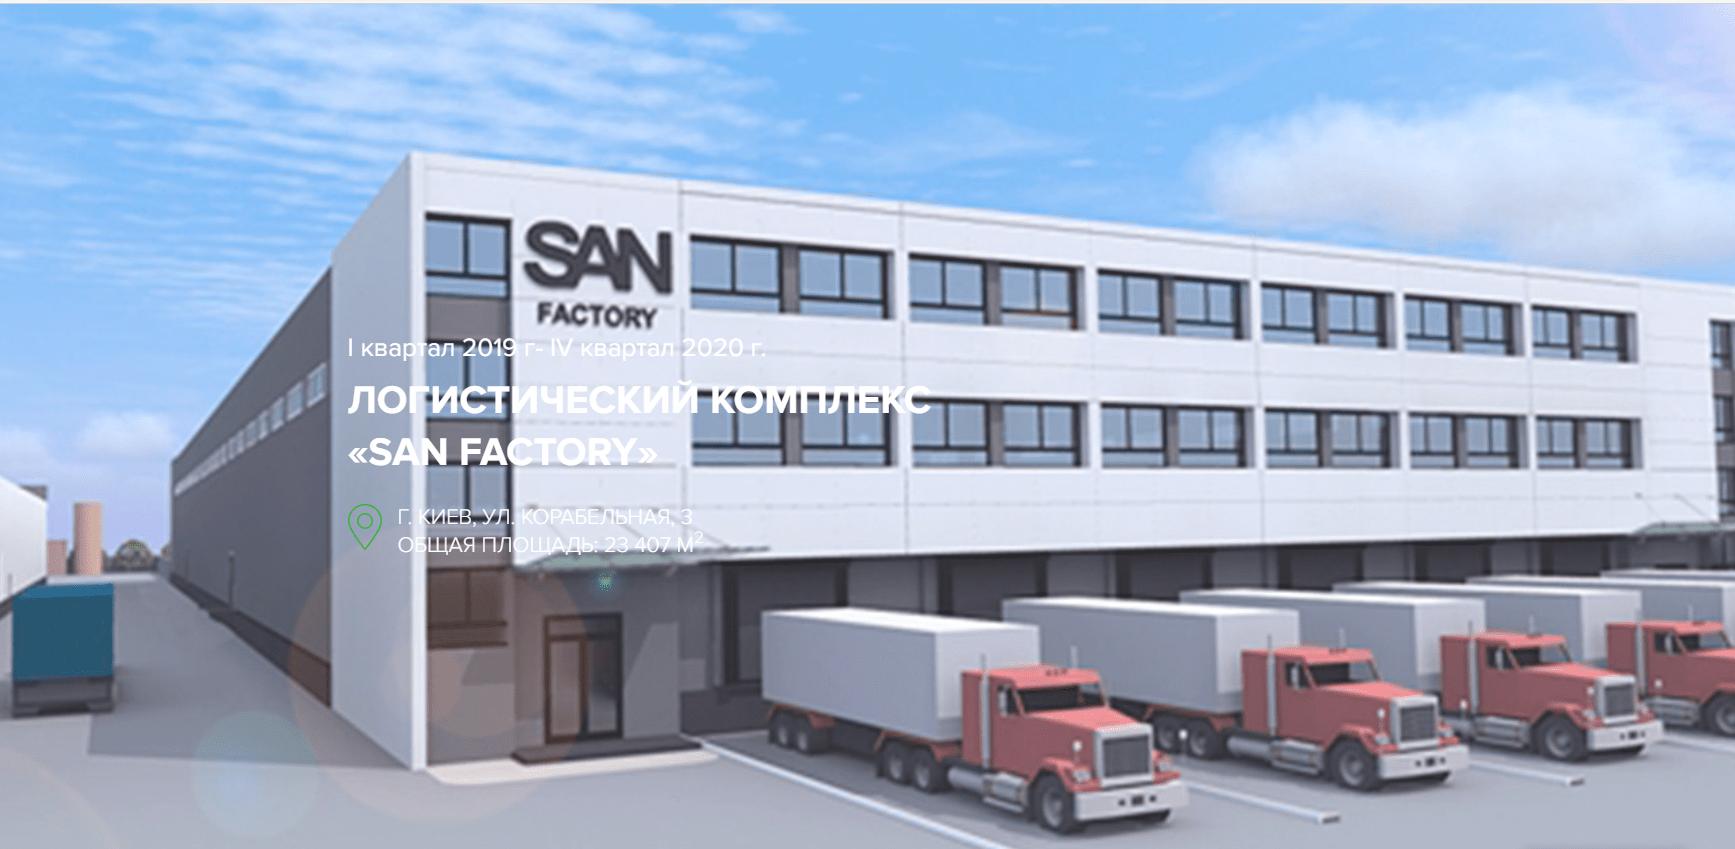 SAN FACTORY-2 logistics complex